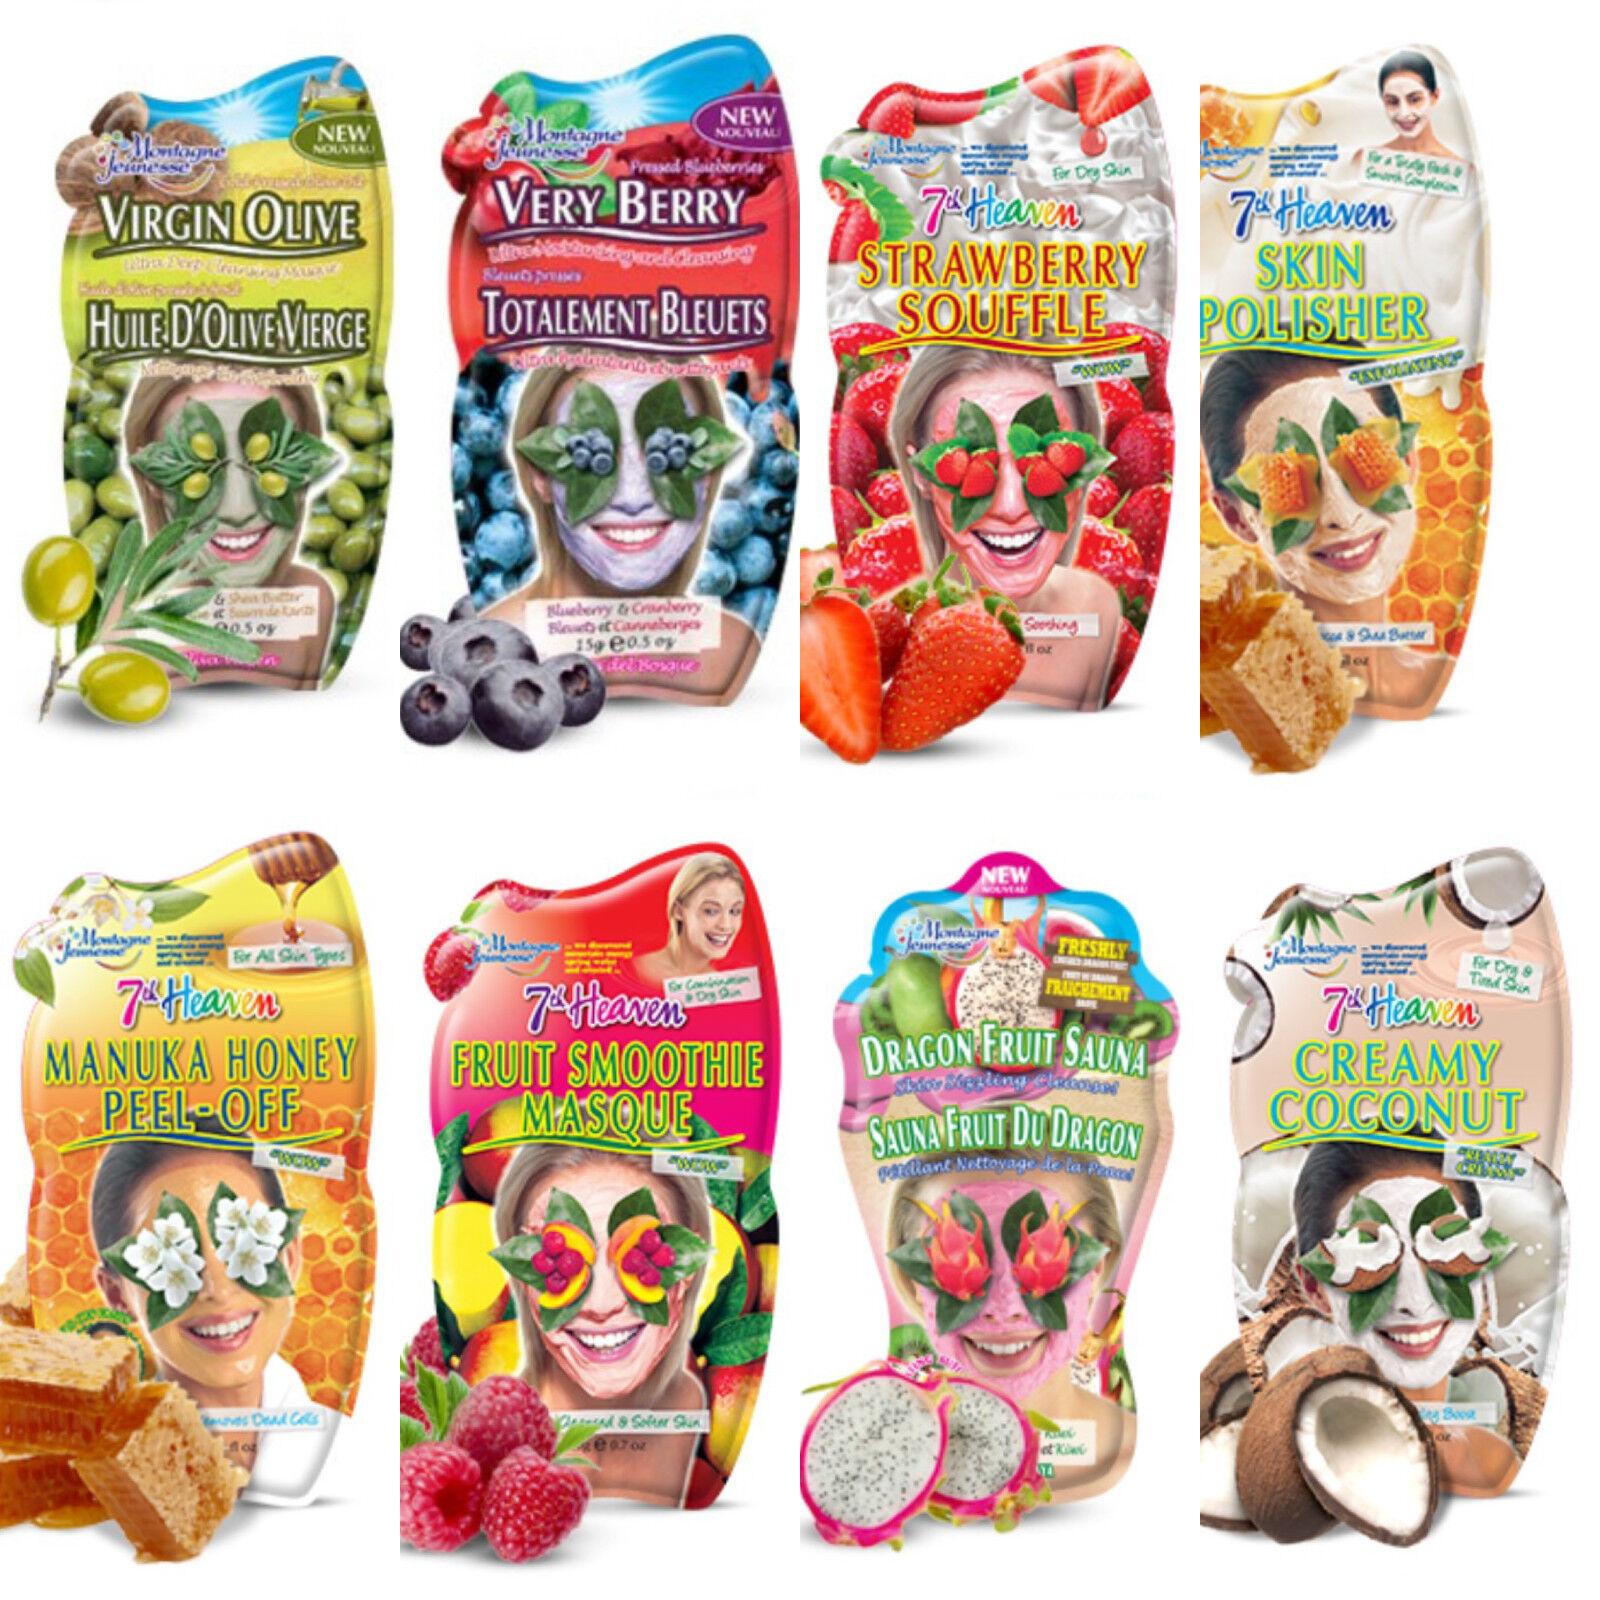 Montagne Jeunesse '7th Heaven' Face Masks - Mixed Varieties